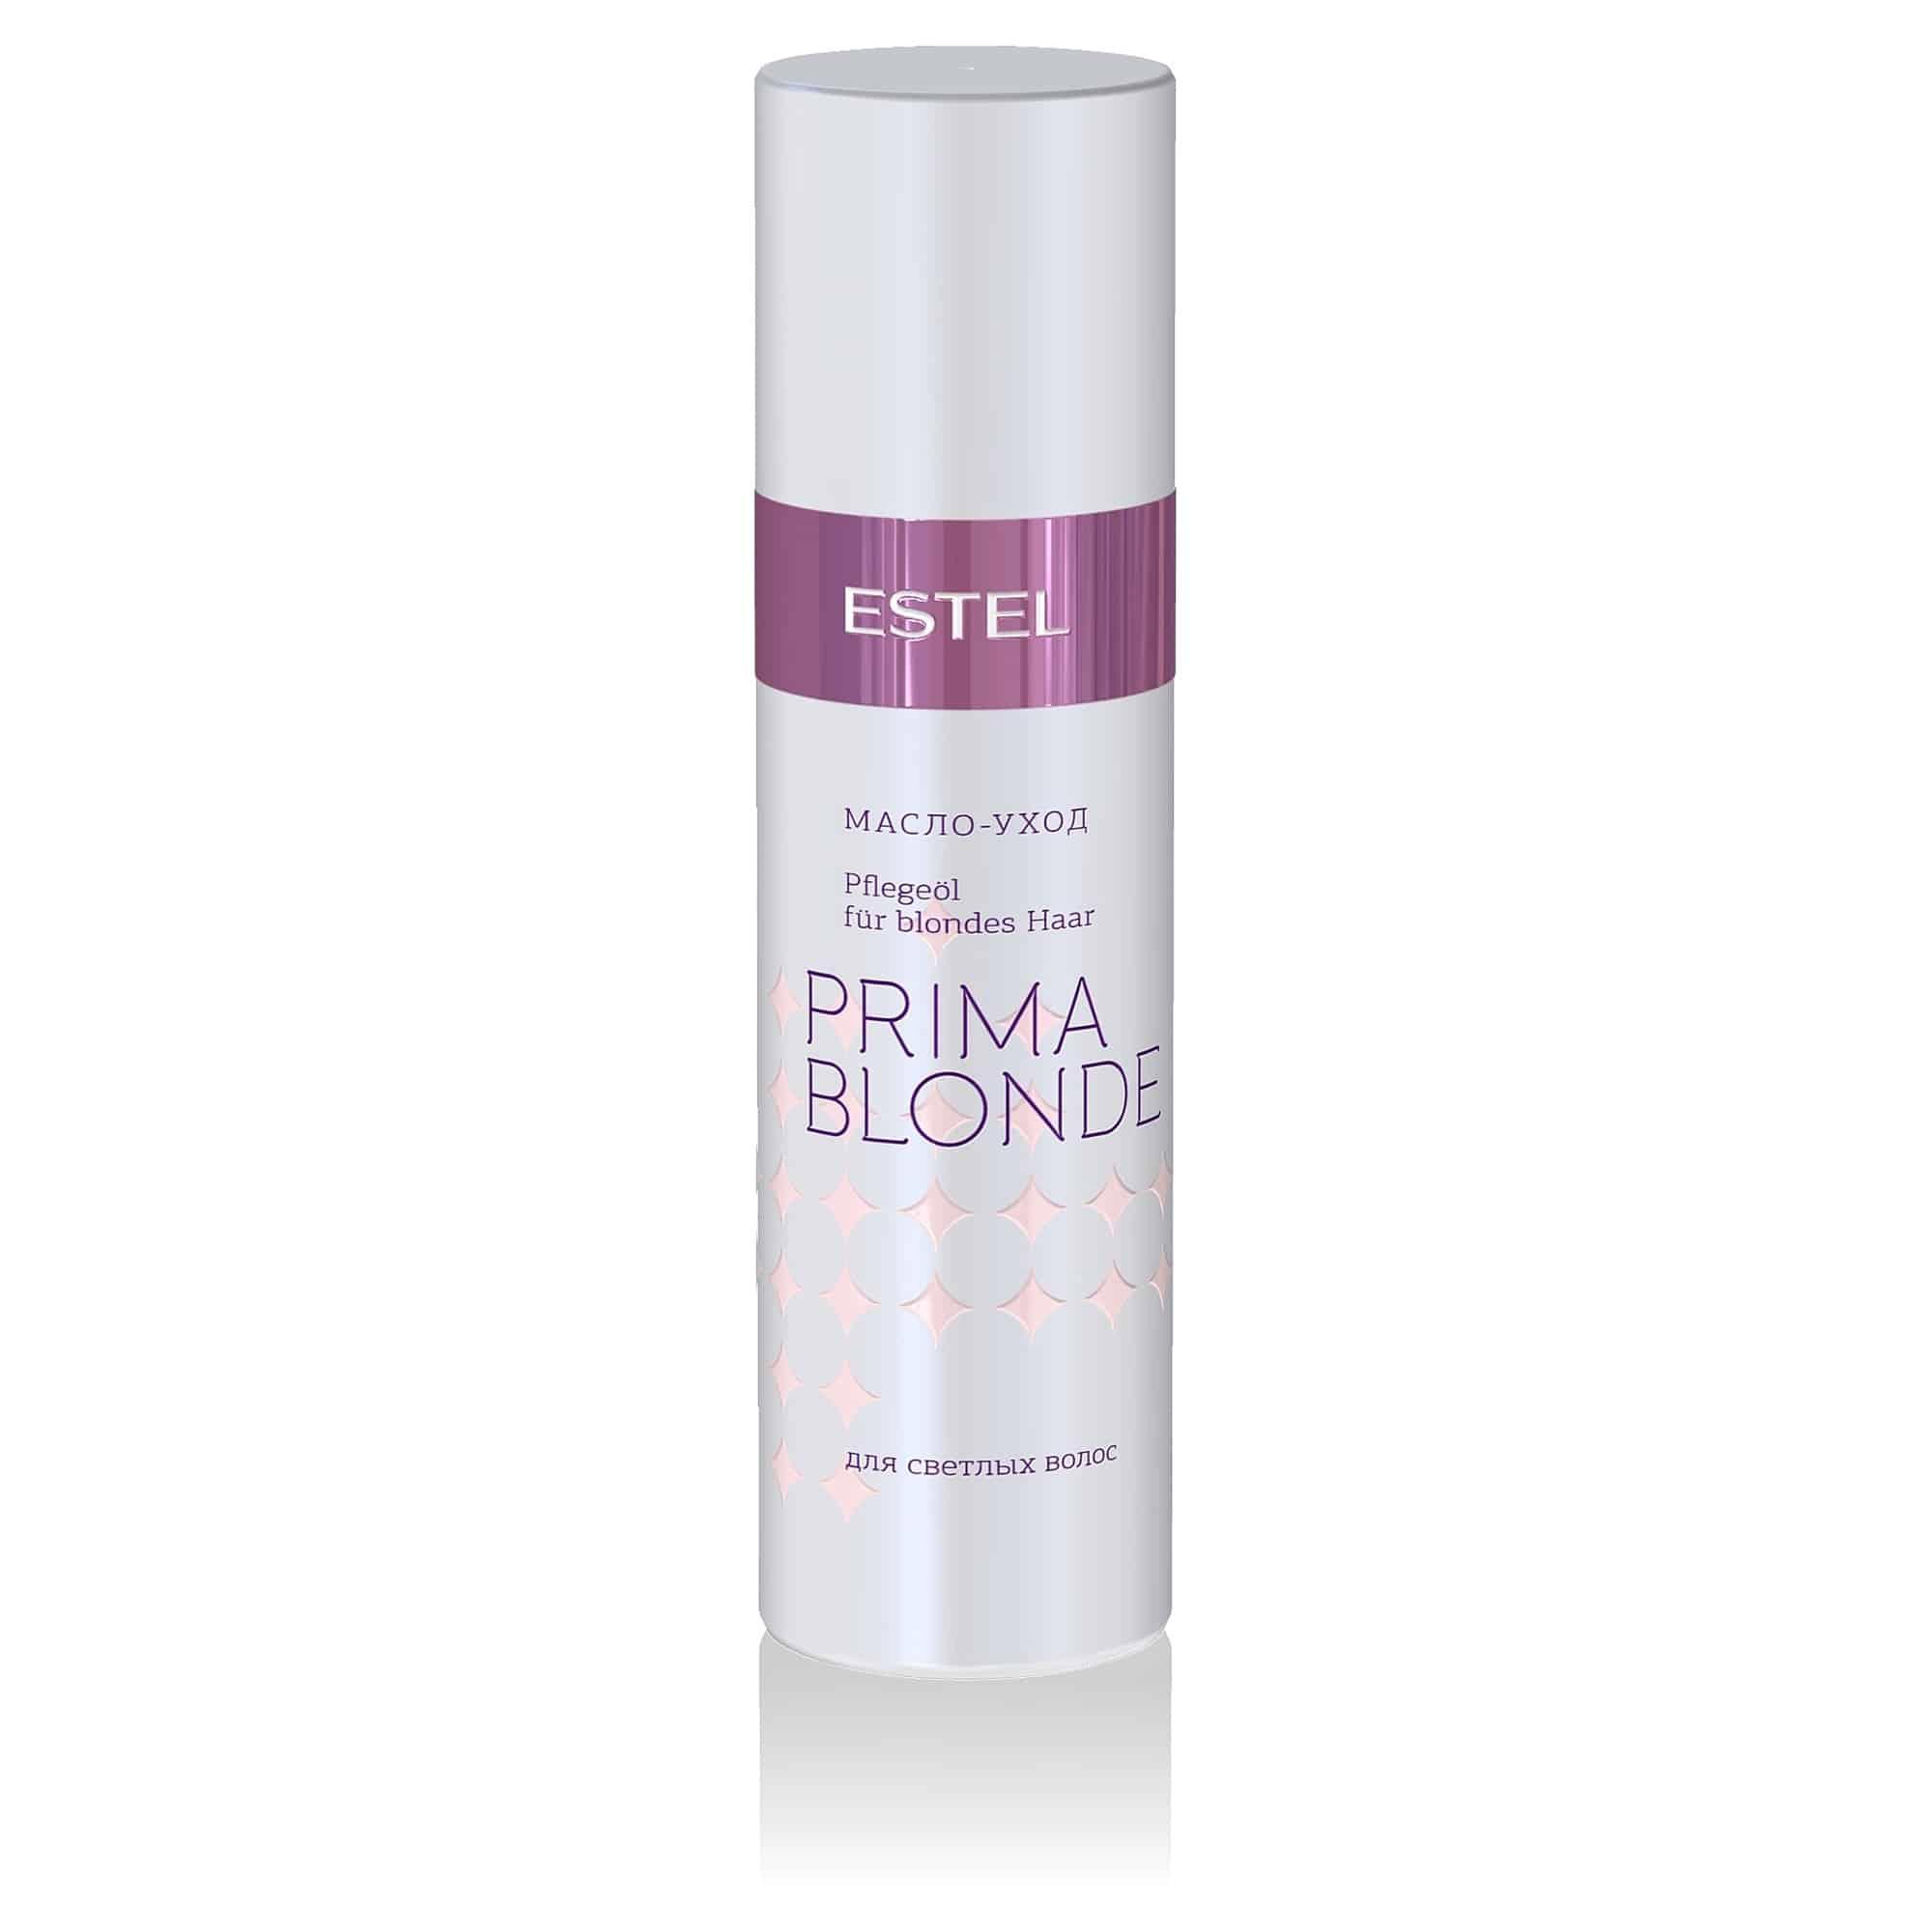 PRIMA BLONDE Pflegeöl für blondes Haar